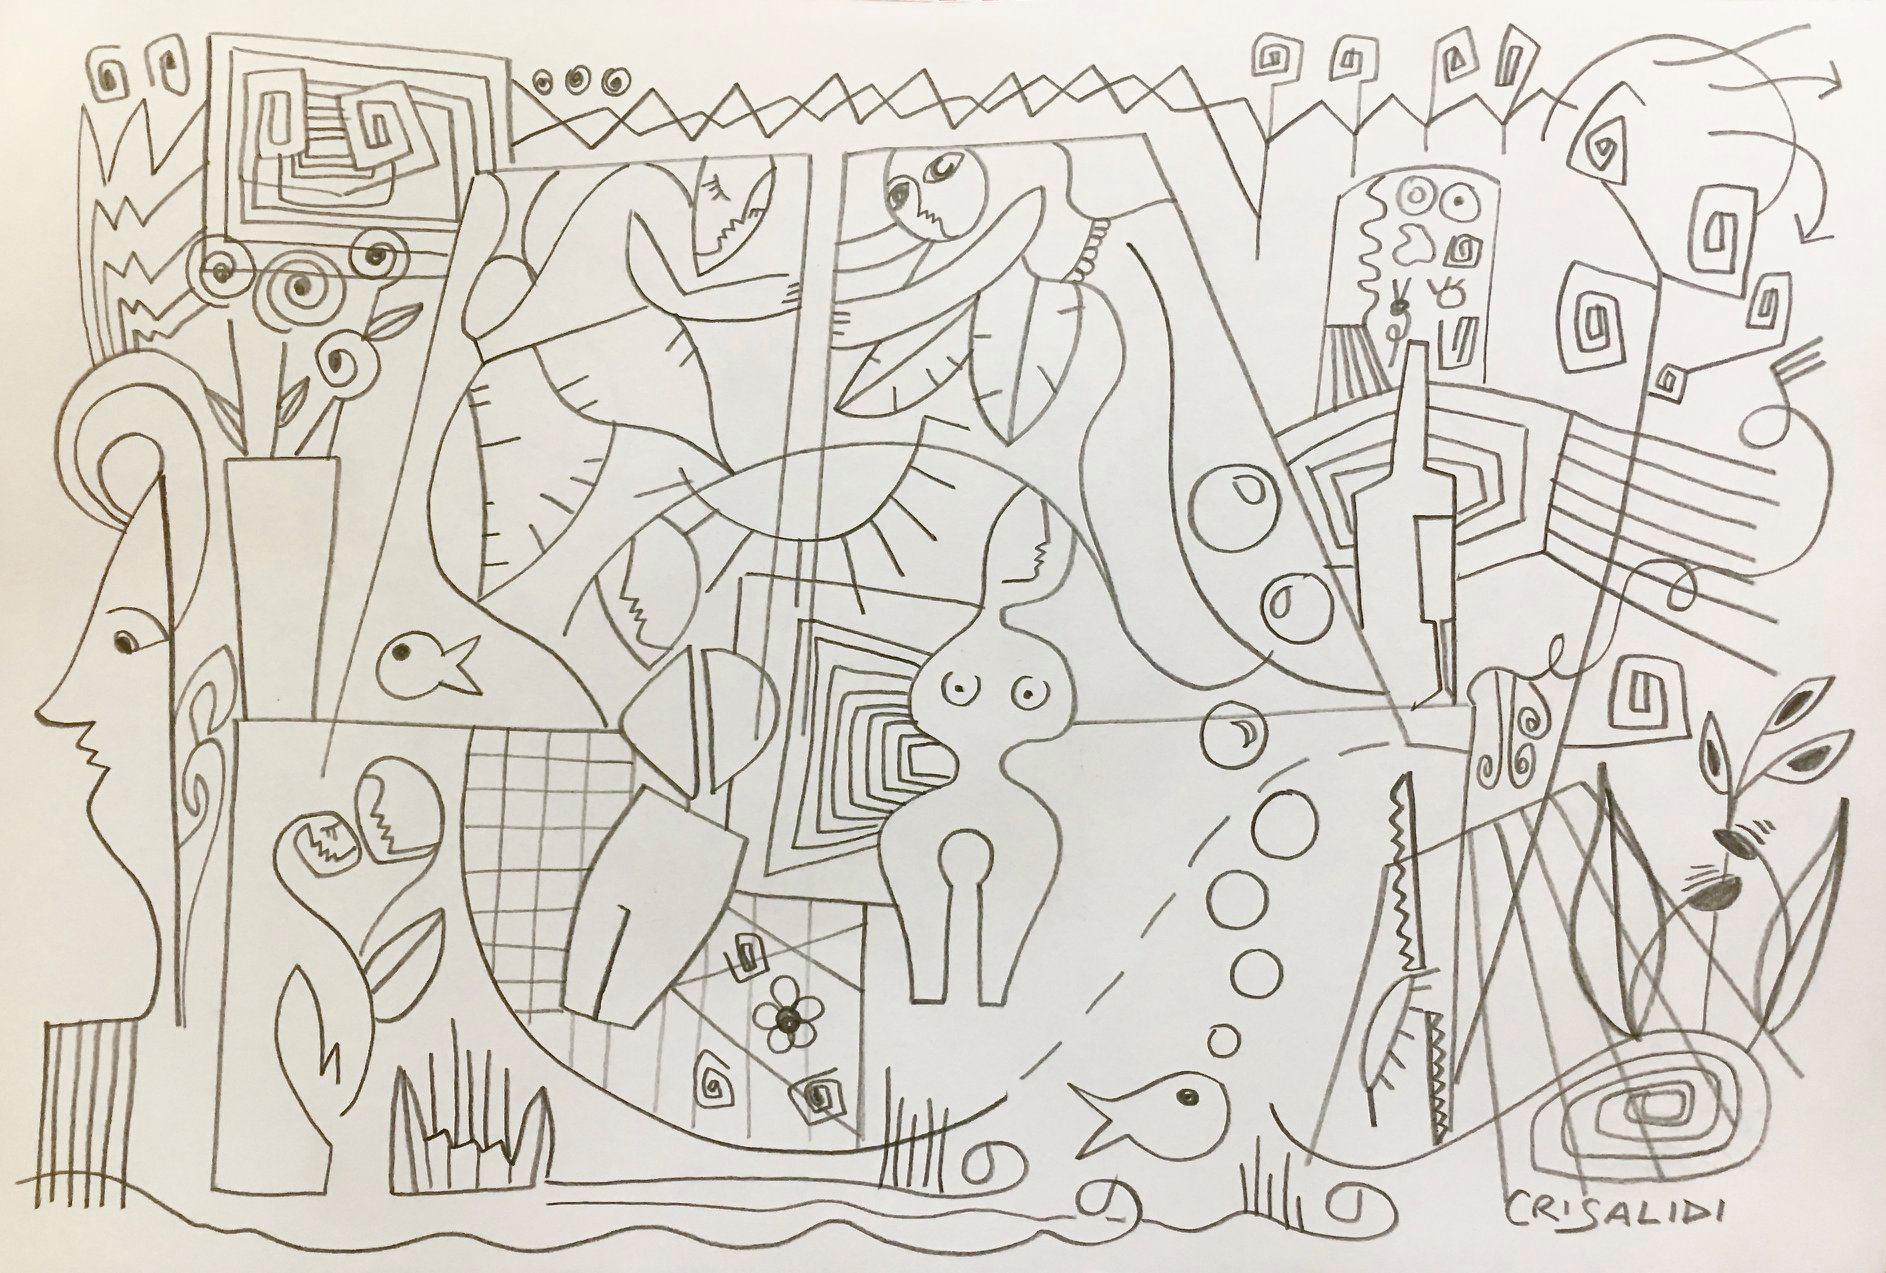 """13 / CRISALIDI, """"STORIA DI UN AMORE CLANDESTINO"""", 30 x 20 cm."""